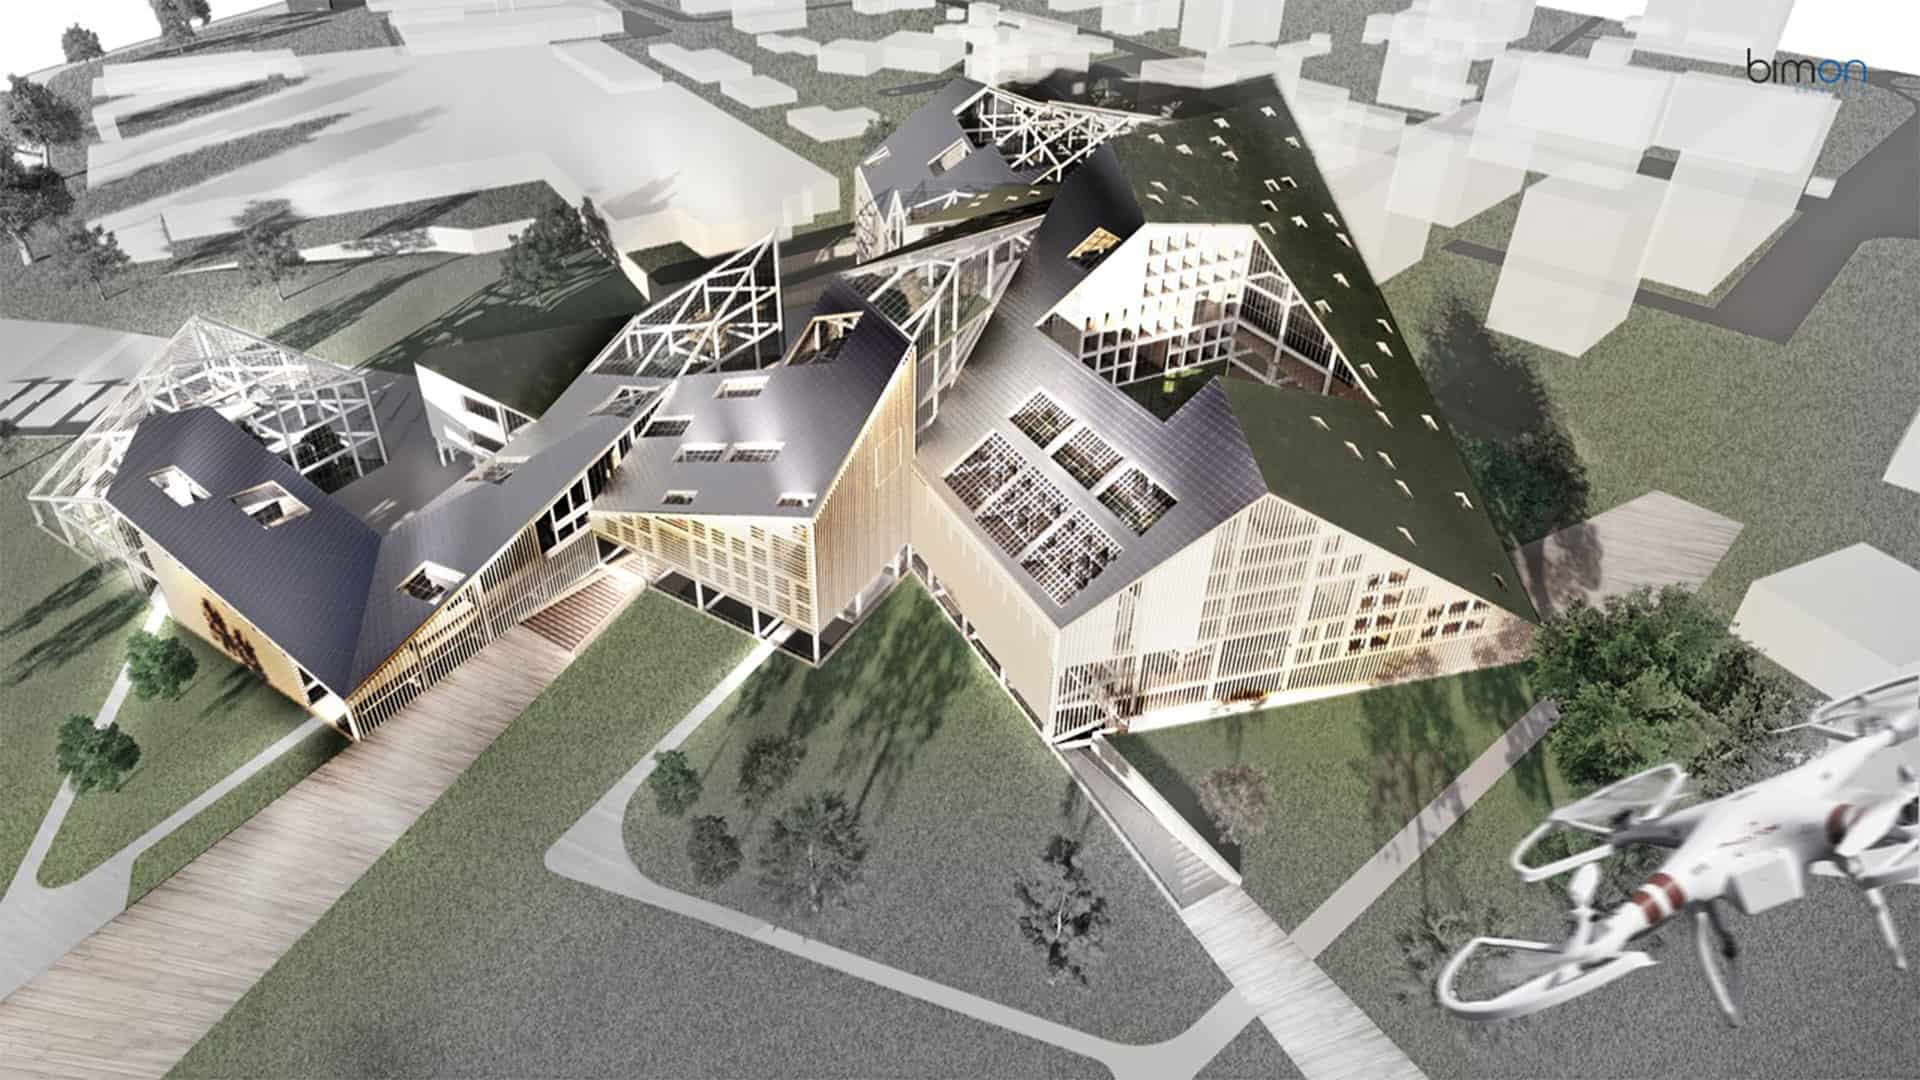 ABC Monza 2019 – BIMon riceve premio BIM e menzione d'onore per l'Architettura